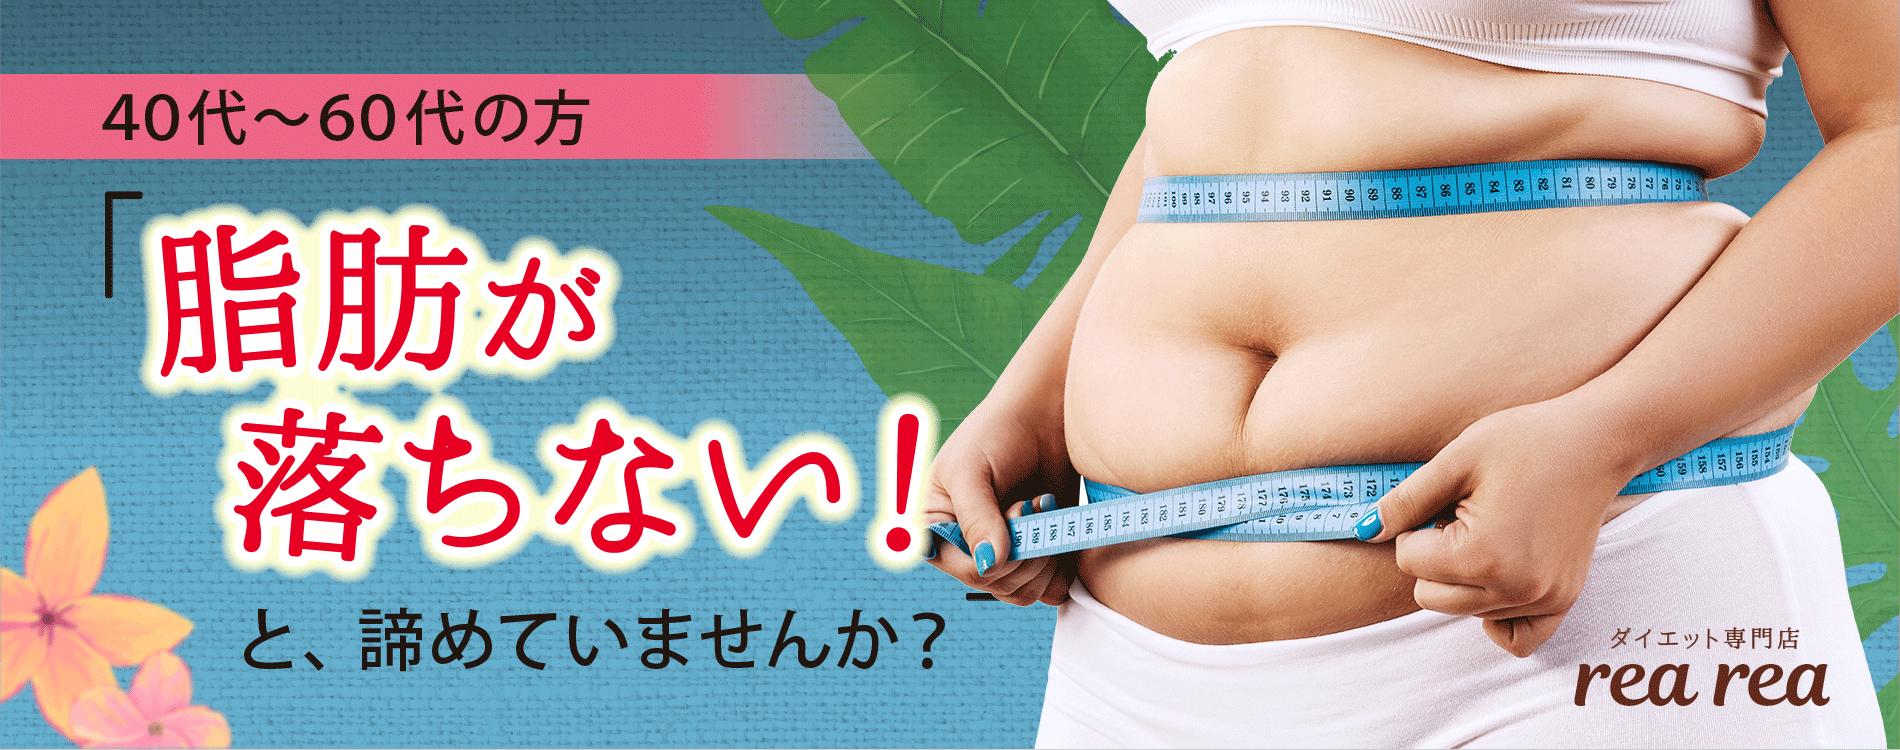 40代〜60代の方「脂肪が落ちない!」と、諦めていませんか?